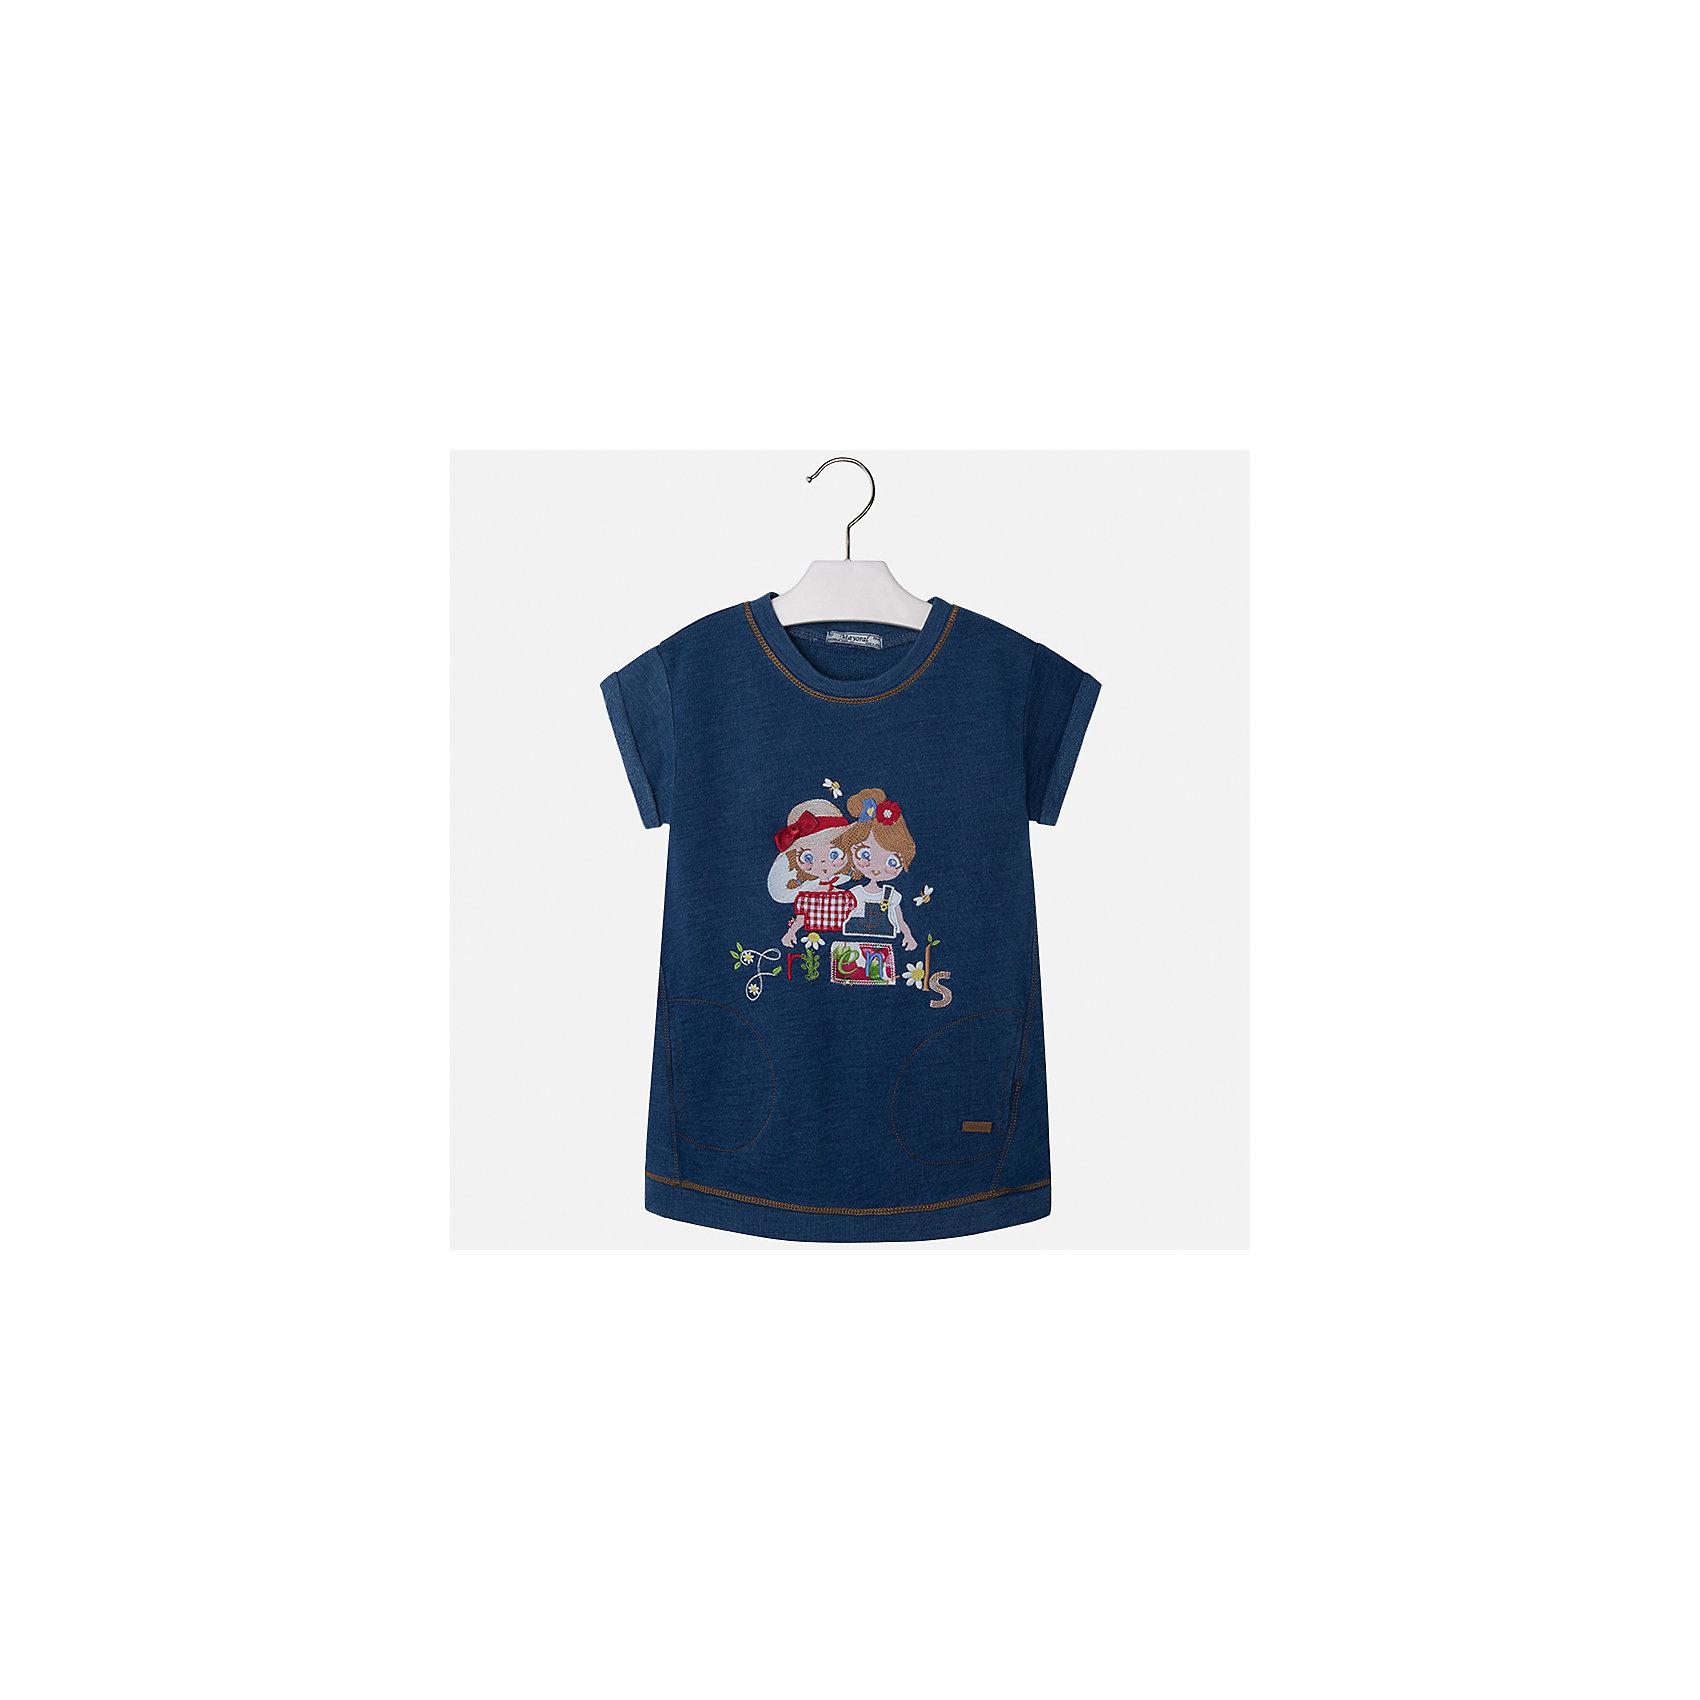 Платье для девочки MayoralЛетние платья и сарафаны<br>Характеристики товара:<br><br>• цвет: синий джинс<br>• состав: 100% хлопок<br>• застежка: молния<br>• легкий материал<br>• украшено кружевом<br>• пышные рукава<br>• страна бренда: Испания<br><br>Красивое легкое платье для девочки поможет разнообразить гардероб ребенка и создать эффектный наряд. Оно подойдет и для торжественных случаев, может быть и как ежедневный наряд. Красивый оттенок позволяет подобрать к вещи обувь разных расцветок. Платье хорошо сидит по фигуре.<br><br>Одежда, обувь и аксессуары от испанского бренда Mayoral полюбились детям и взрослым по всему миру. Модели этой марки - стильные и удобные. Для их производства используются только безопасные, качественные материалы и фурнитура. Порадуйте ребенка модными и красивыми вещами от Mayoral! <br><br>Платье для девочки от испанского бренда Mayoral (Майорал) можно купить в нашем интернет-магазине.<br><br>Ширина мм: 236<br>Глубина мм: 16<br>Высота мм: 184<br>Вес г: 177<br>Цвет: голубой<br>Возраст от месяцев: 96<br>Возраст до месяцев: 108<br>Пол: Женский<br>Возраст: Детский<br>Размер: 116,122,128,134,92,98,104,110<br>SKU: 5291288